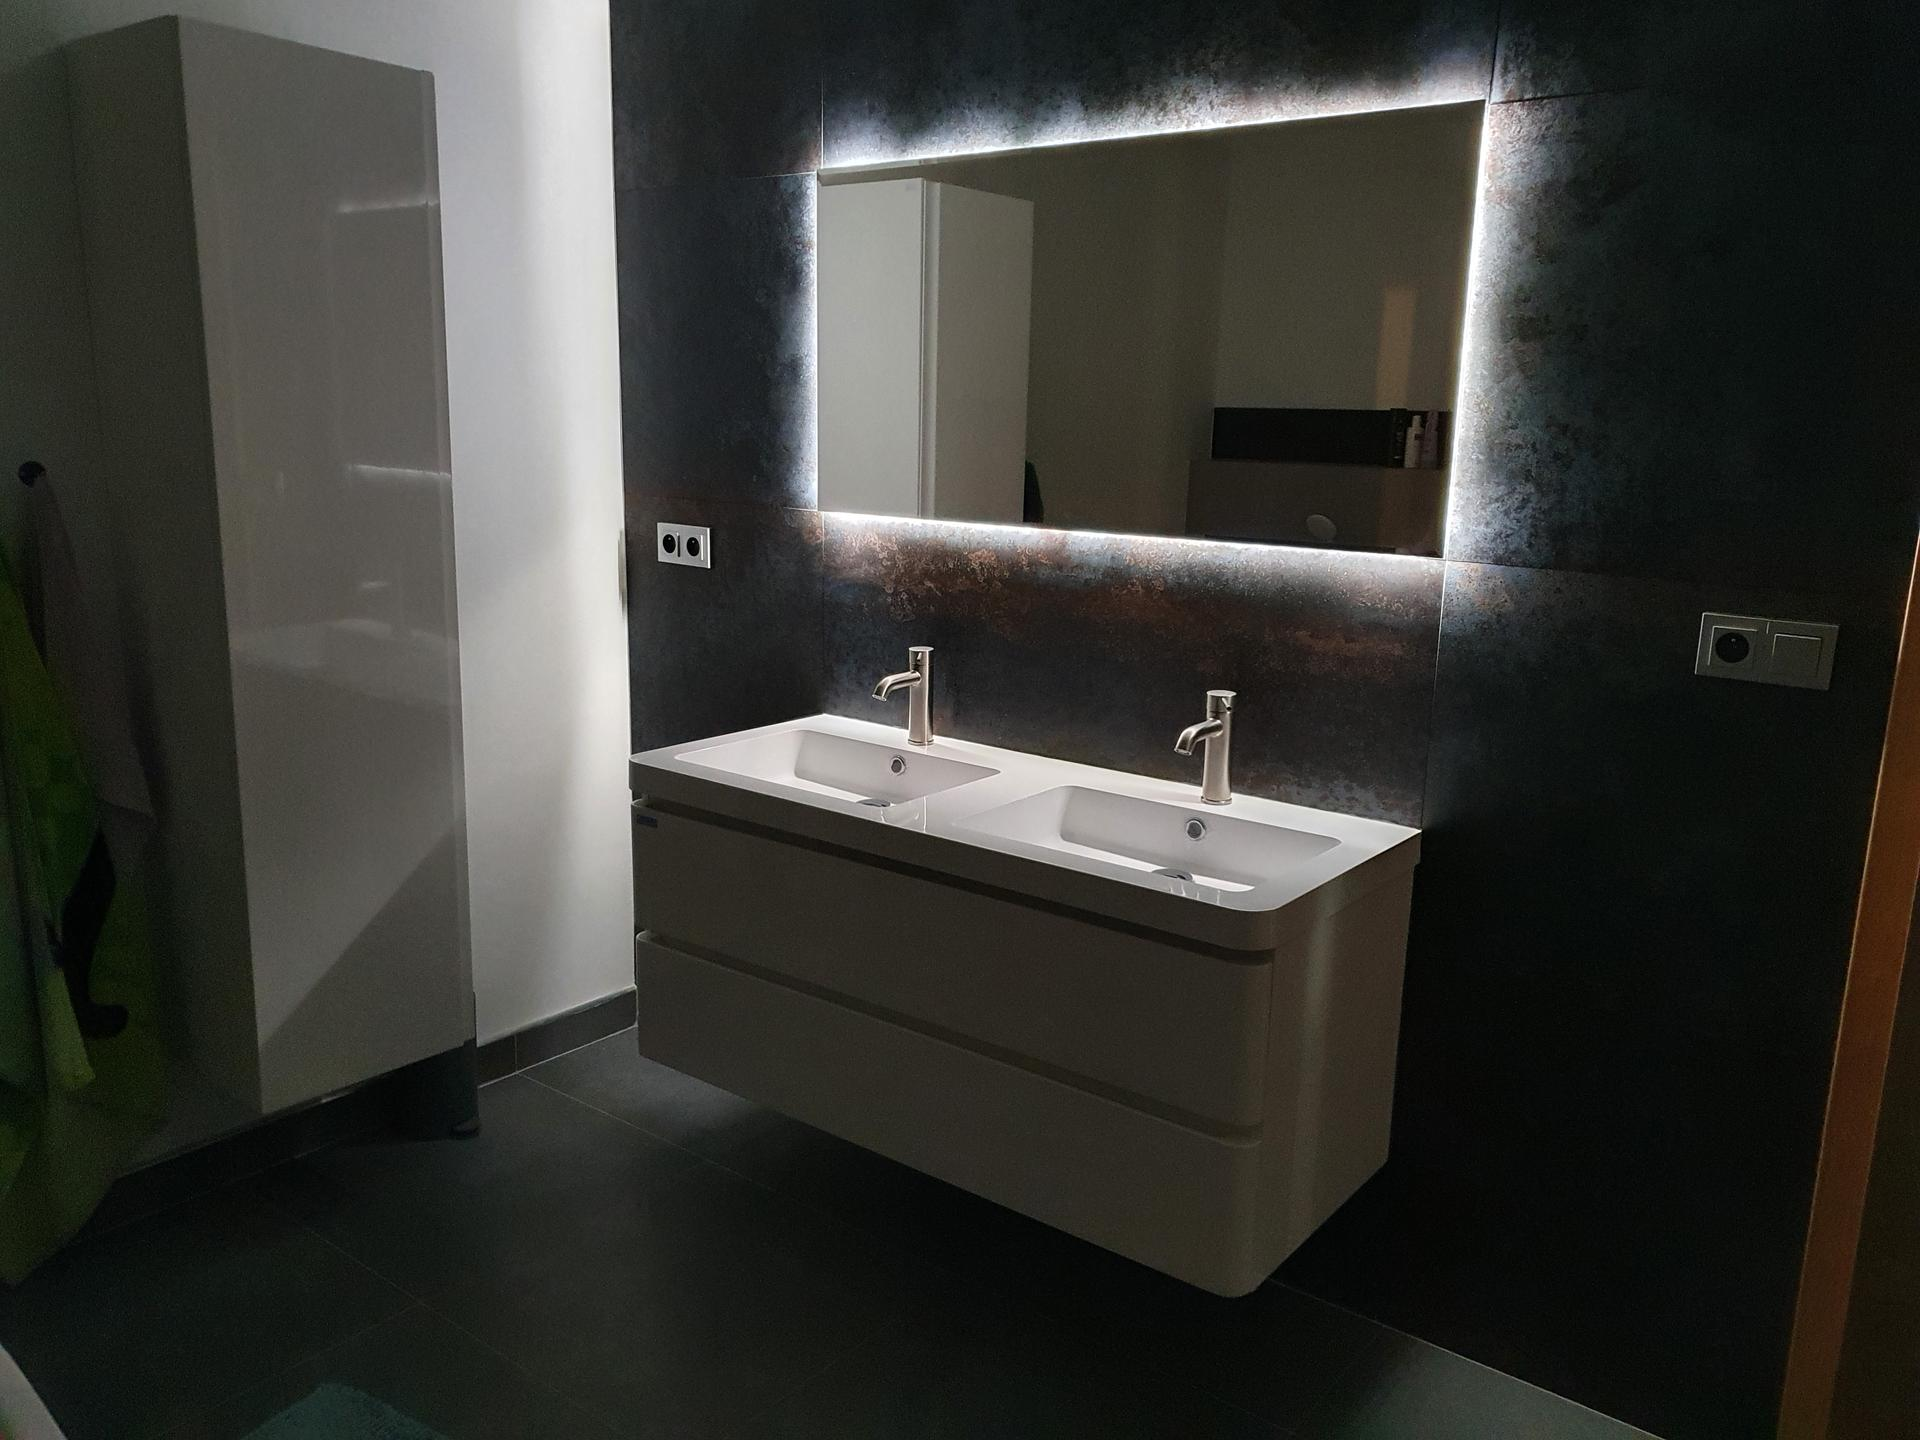 Pasivní domeček - Noční osvětlení koupelny, které se spíná na pohybové čidlo:)